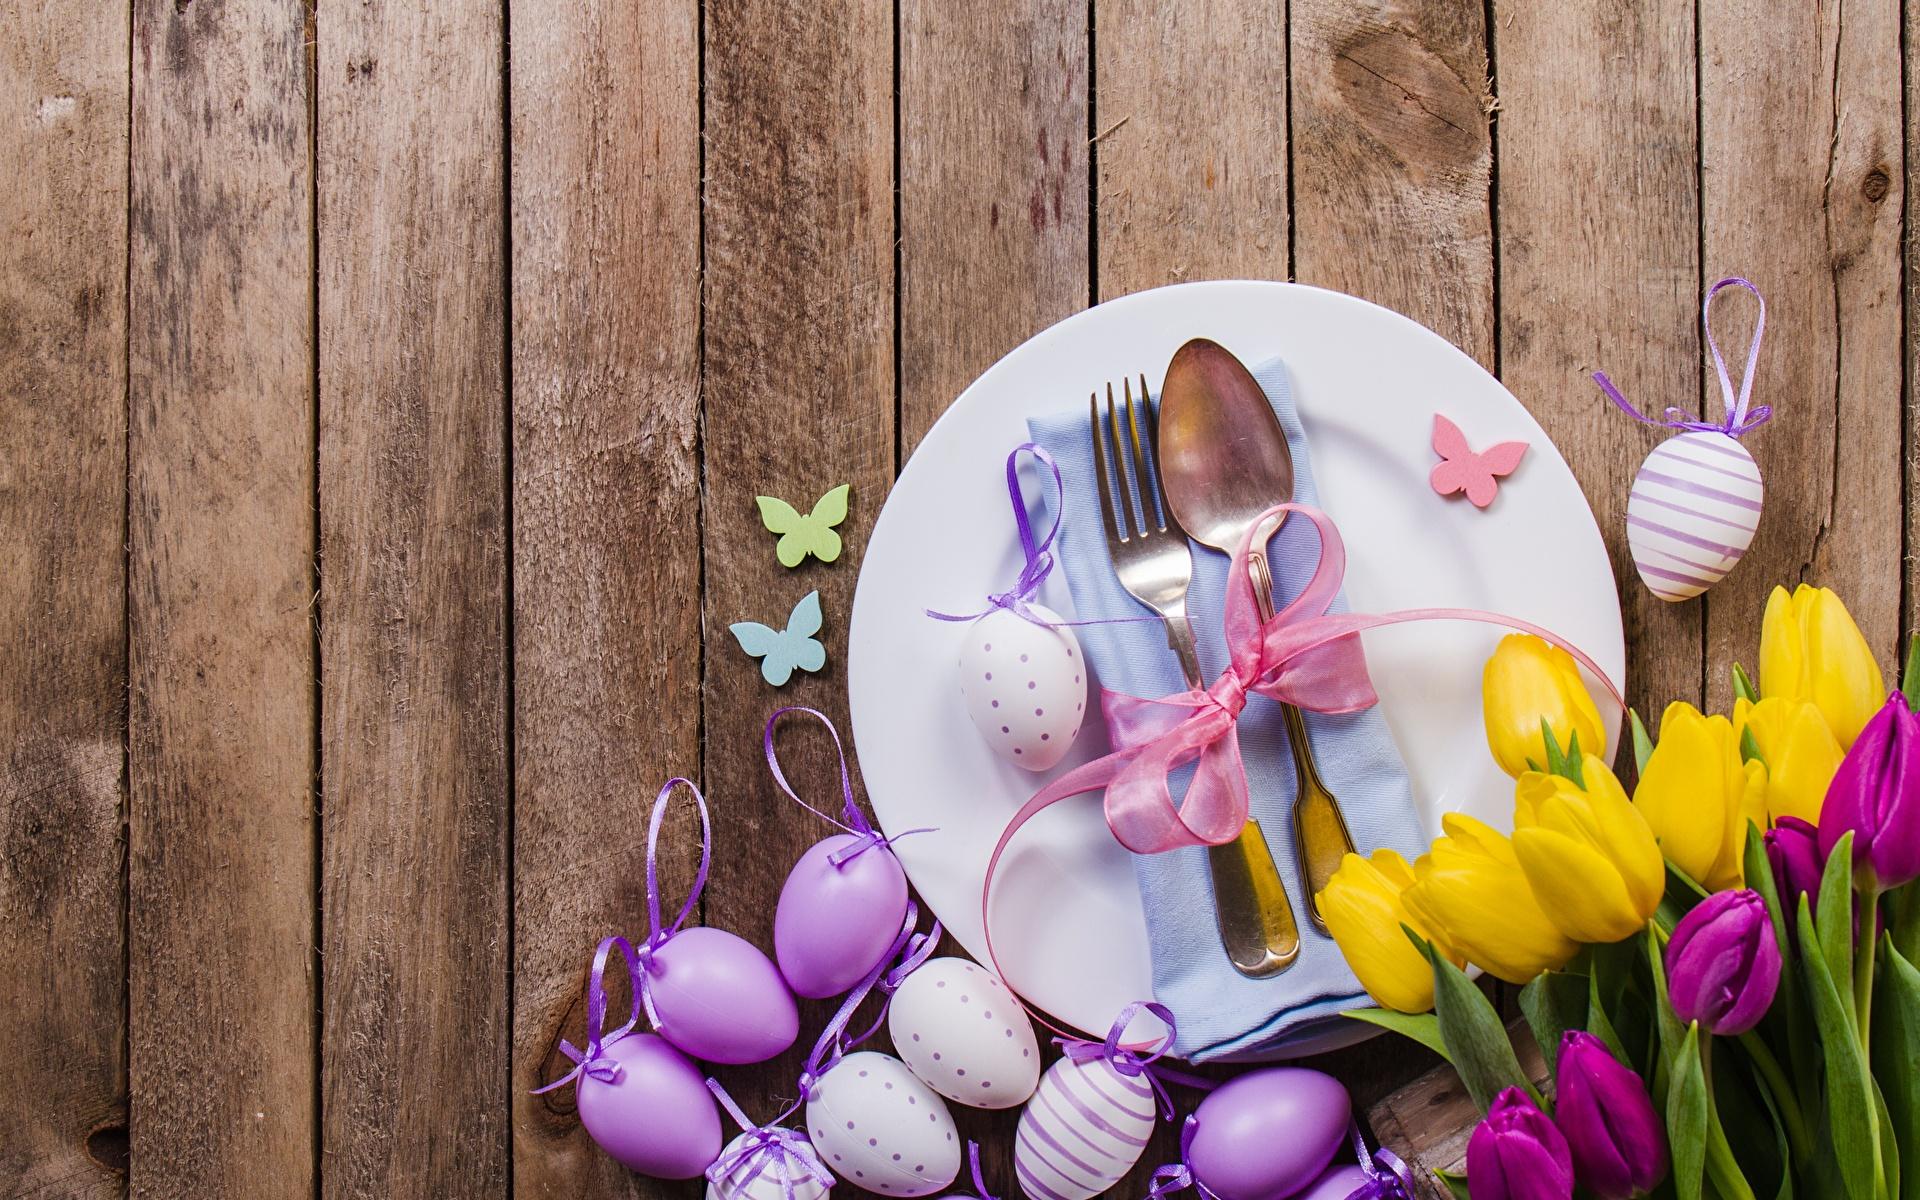 Картинка Пасха яиц Тюльпаны Цветы вилки ложки тарелке Доски 1920x1200 яйцо Яйца яйцами тюльпан цветок Ложка Тарелка Вилка столовая